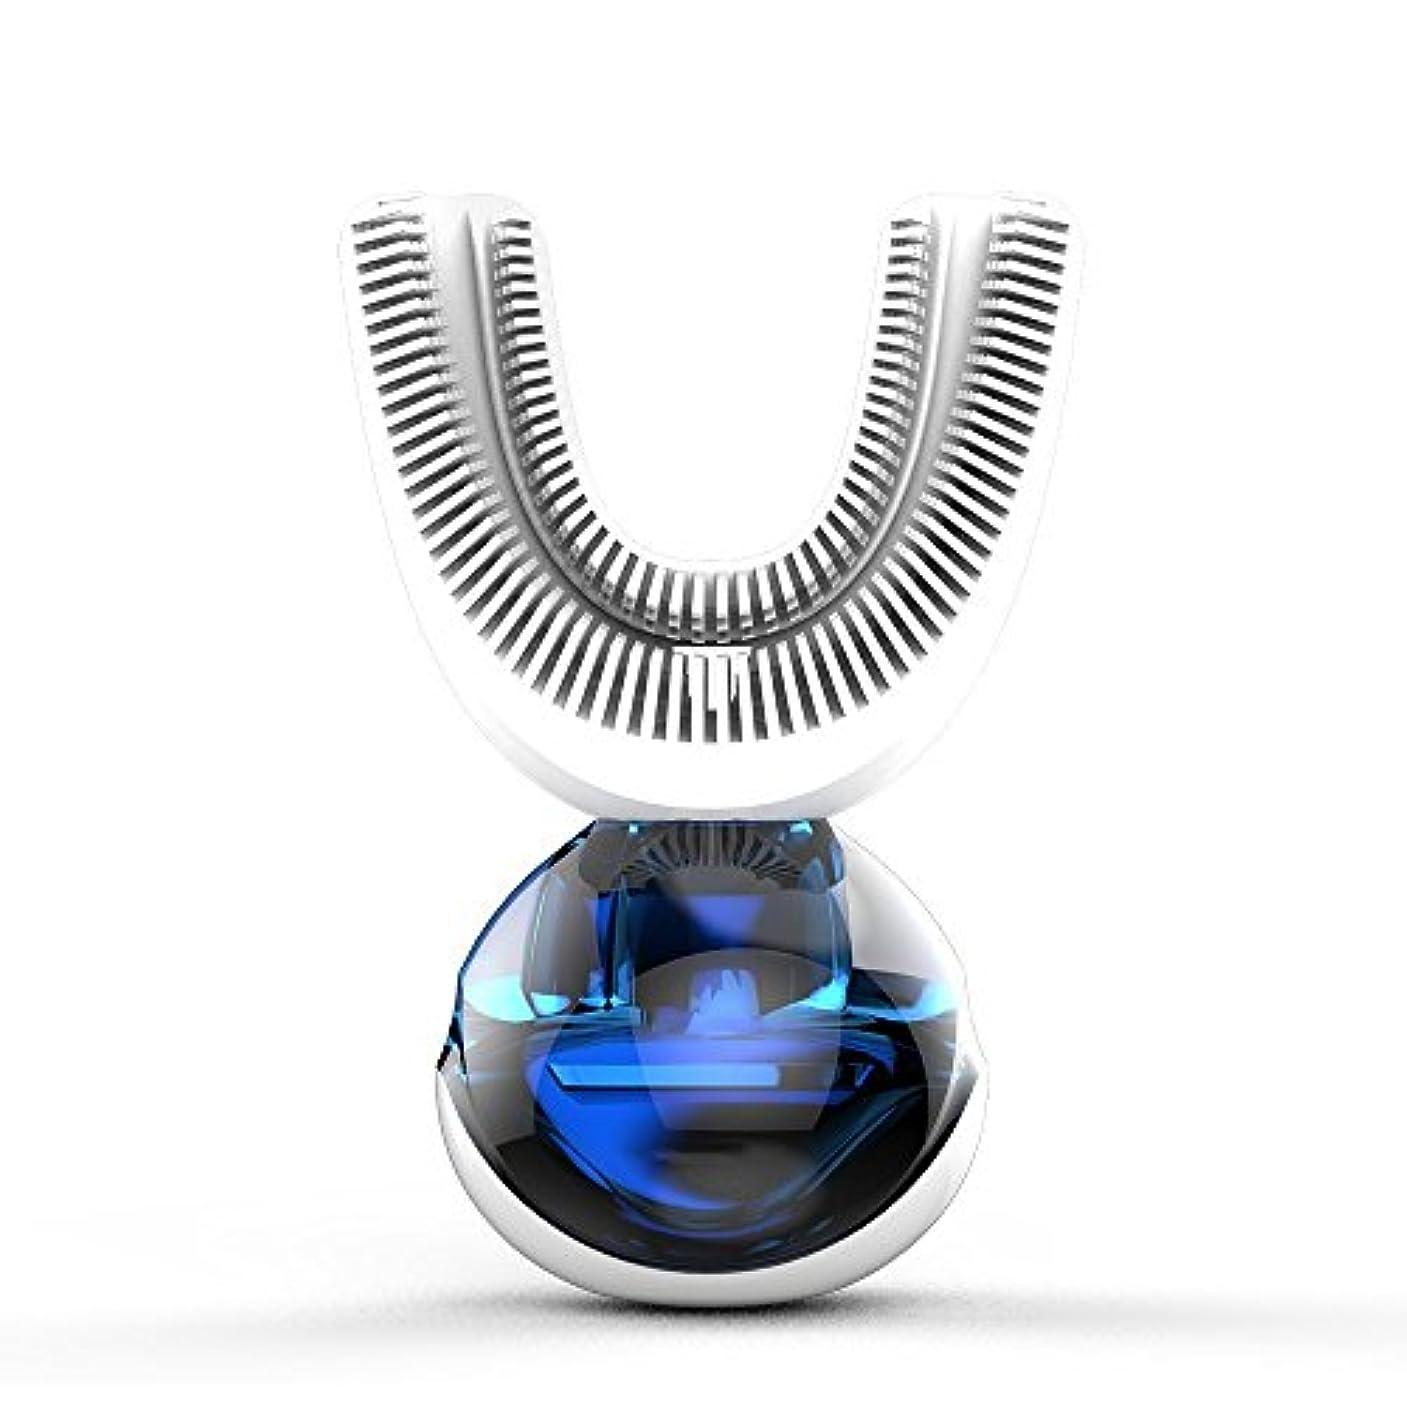 光電ペルソナカニフルオートマチック可変周波数電動歯ブラシ、自動360度U字型電動歯ブラシ、ワイヤレス充電IPX7防水自動歯ブラシ(大人用)